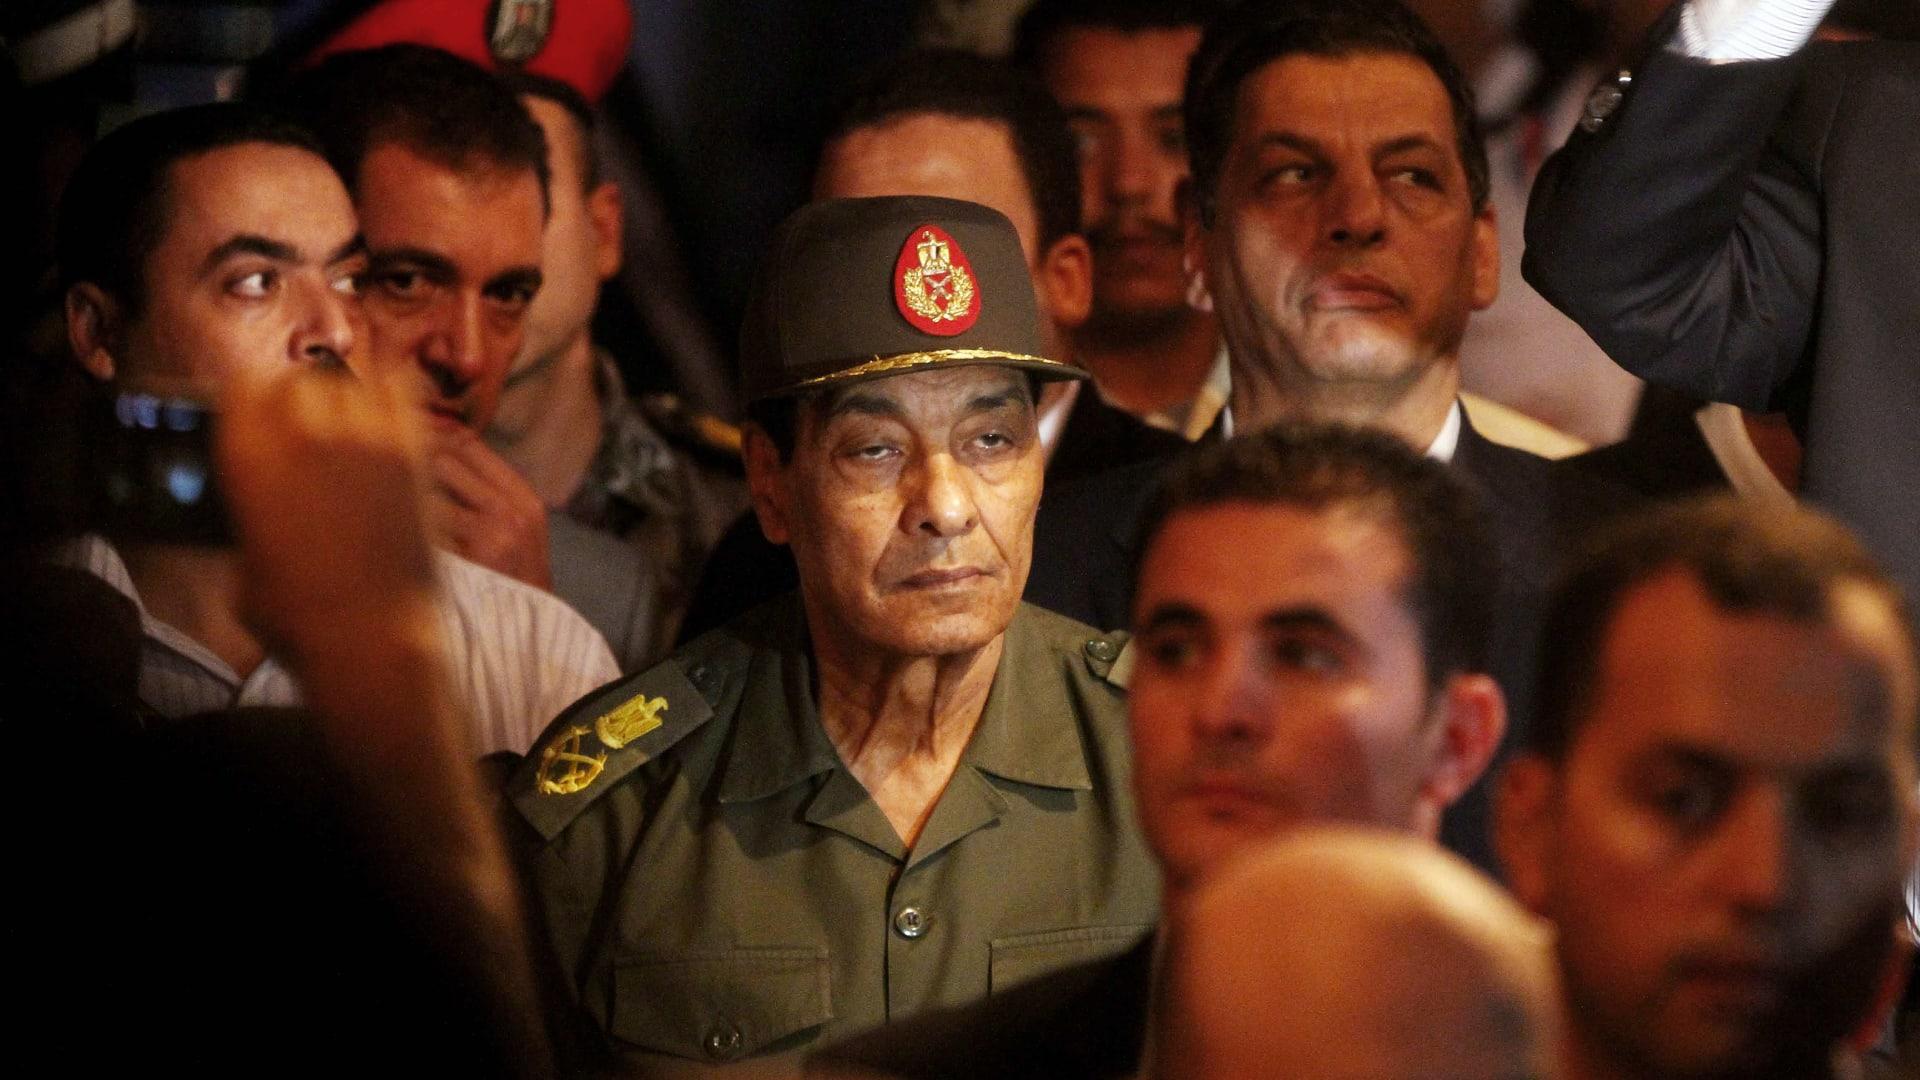 وفاة محمد حسين طنطاوي وزير الدفاع المصري السابق عن 85 عاما